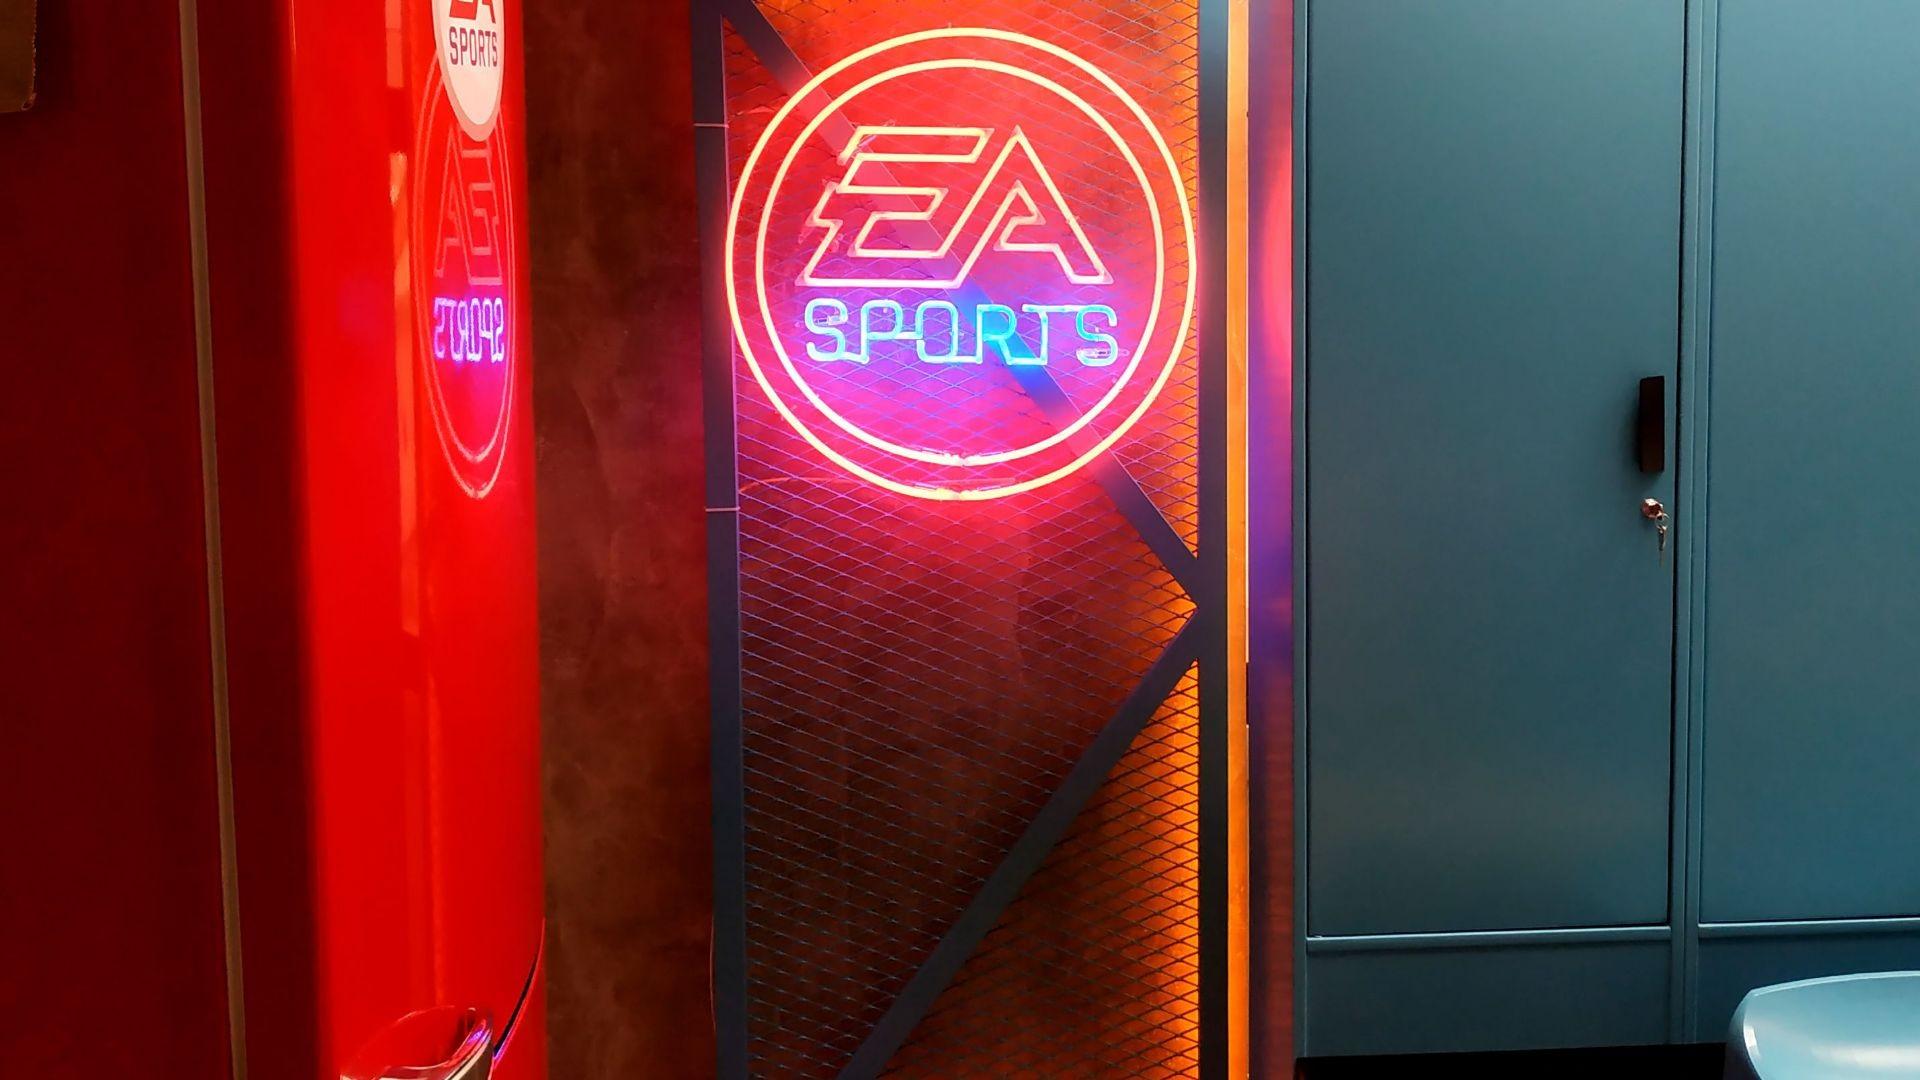 Neón para EA sports